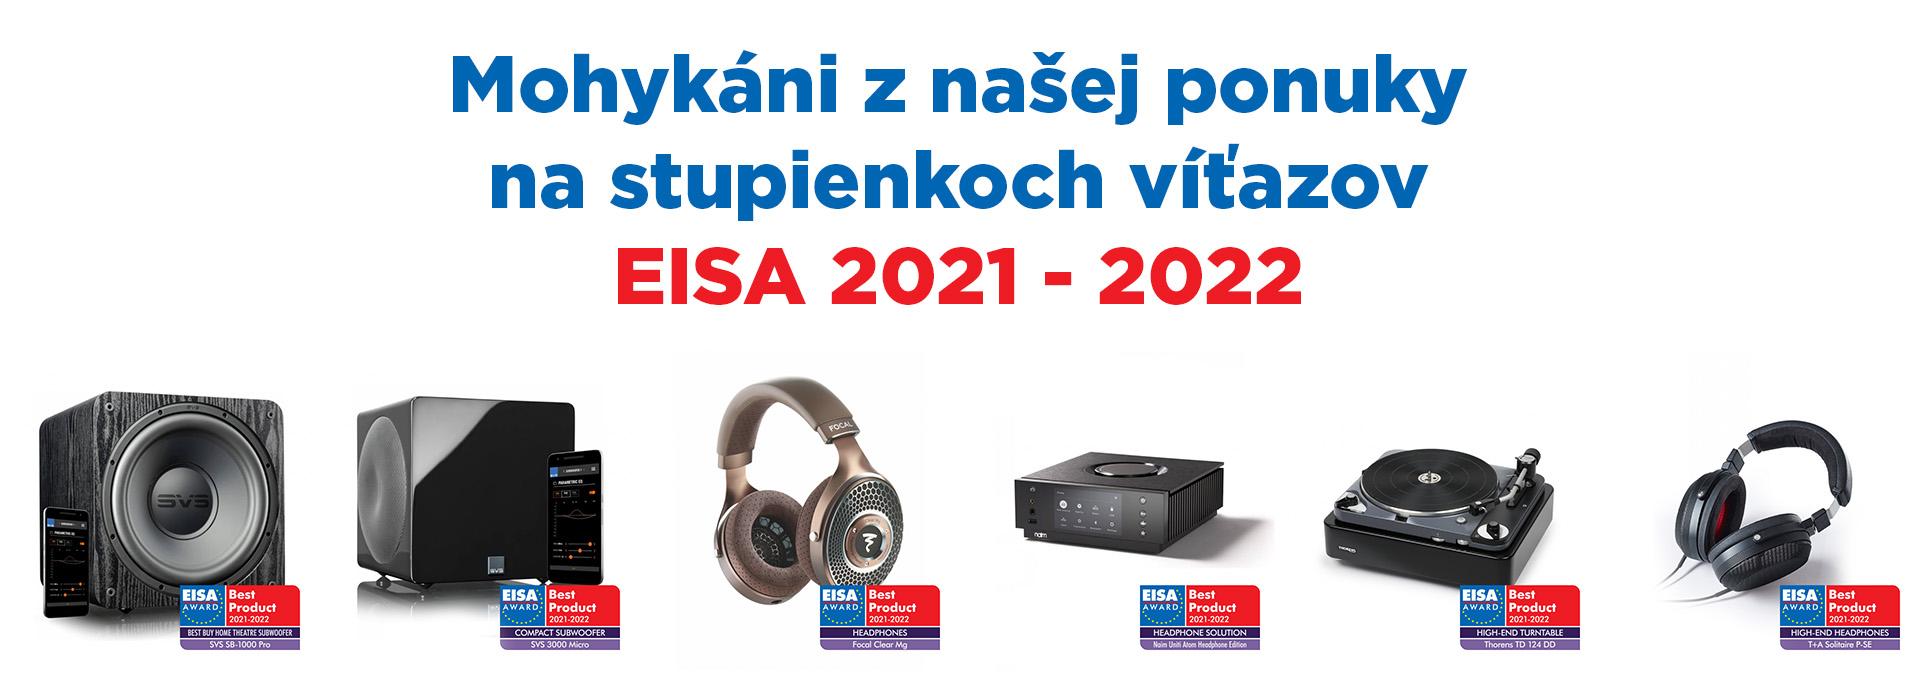 Naše produkty získali najlepšie hodnotenia od prestížnej organizácie EISA pre rok 2021-2022